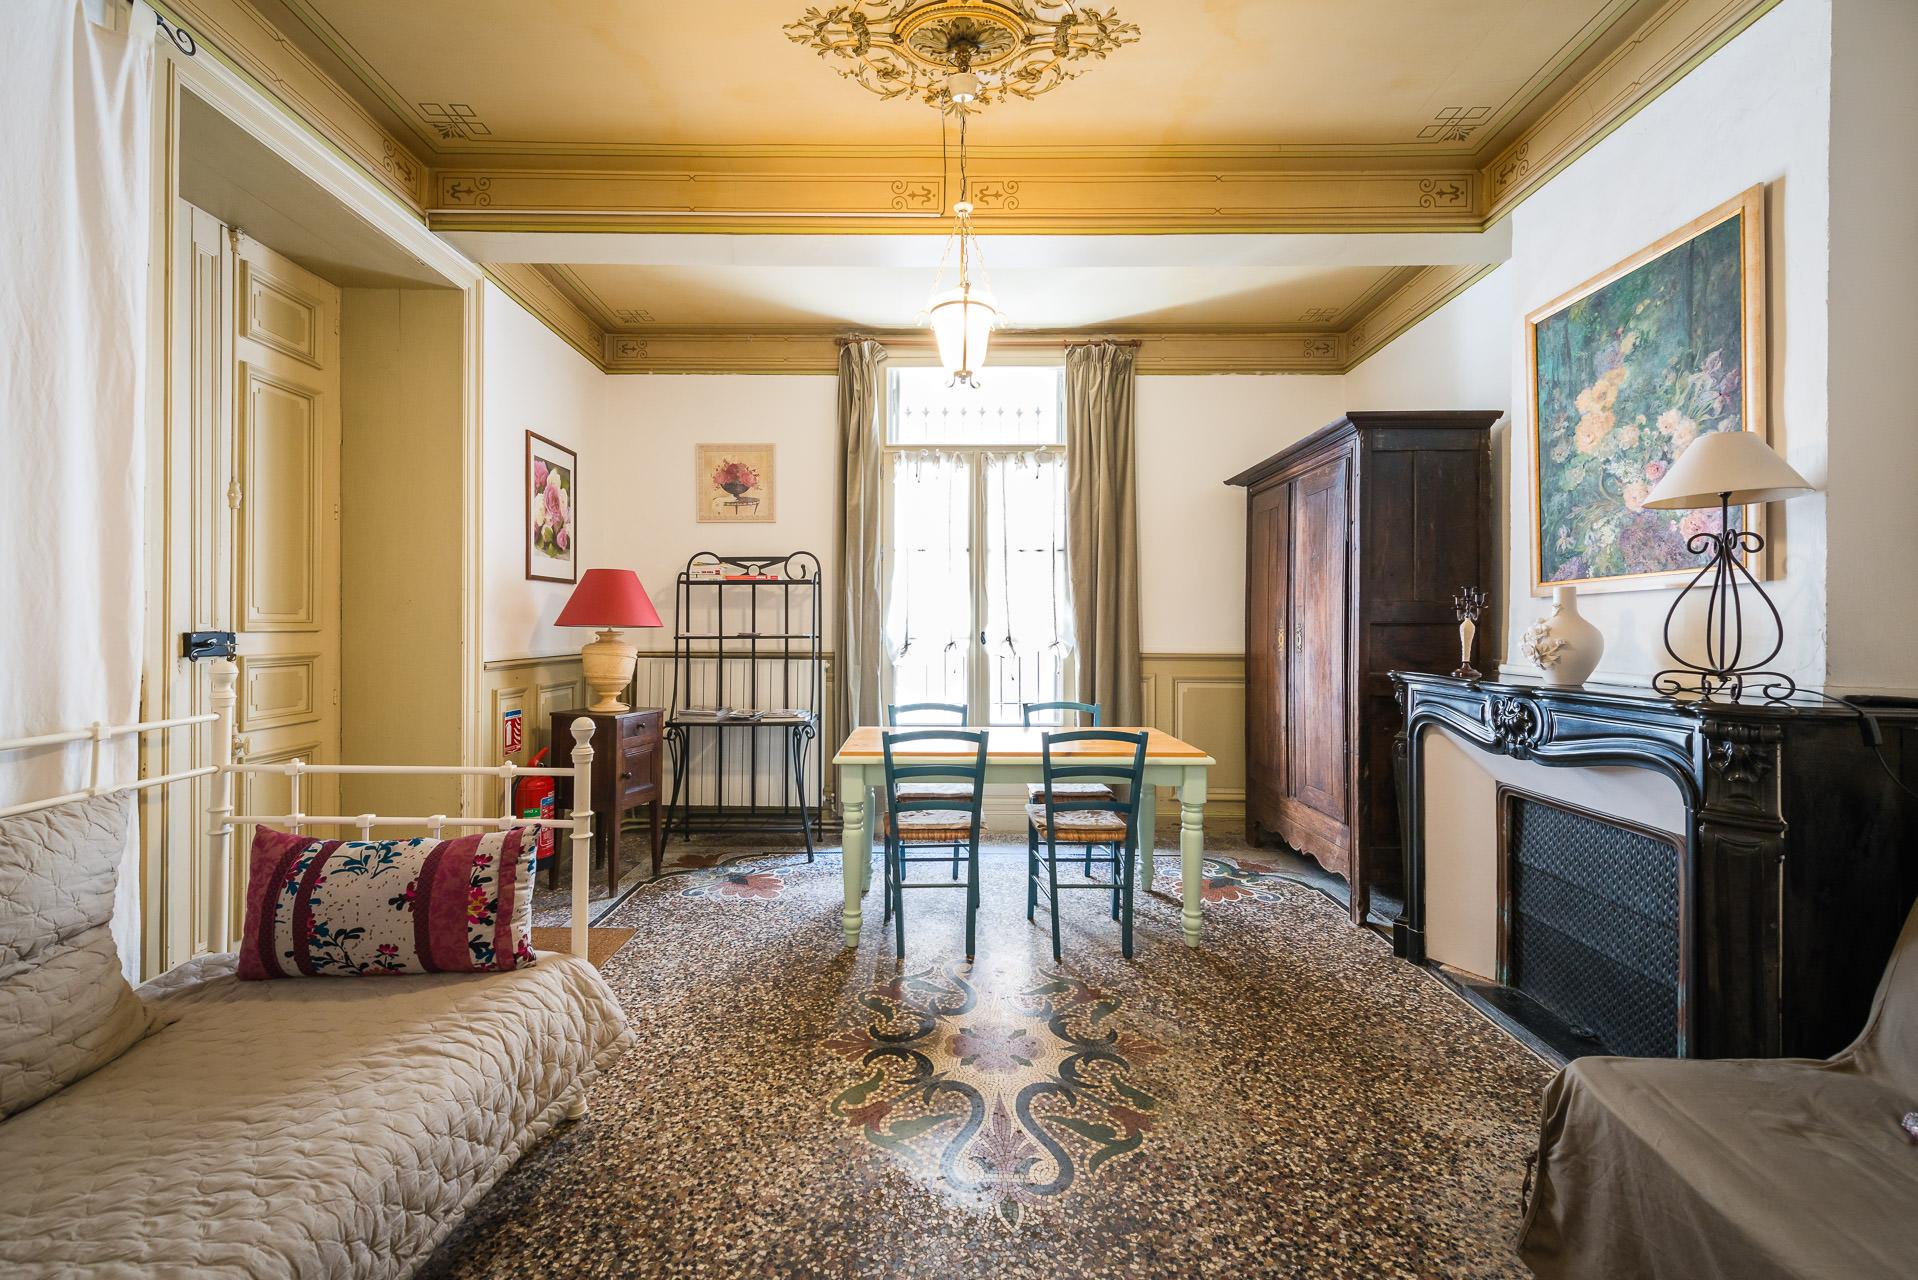 Chambres d hotes Lou Cantou  CAUX HERAULT La chambre d h´tes